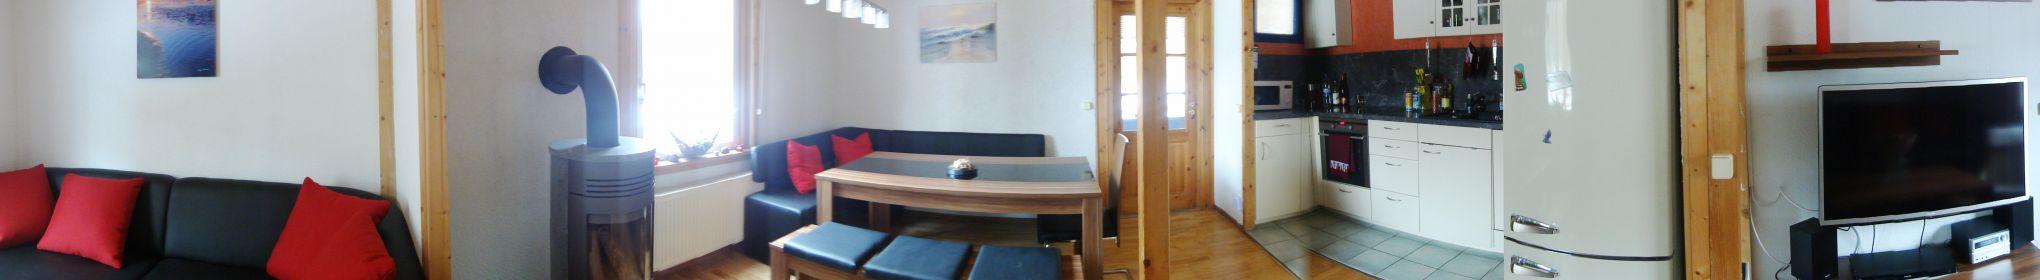 ferienhaus-heuweg-6-panorama-1